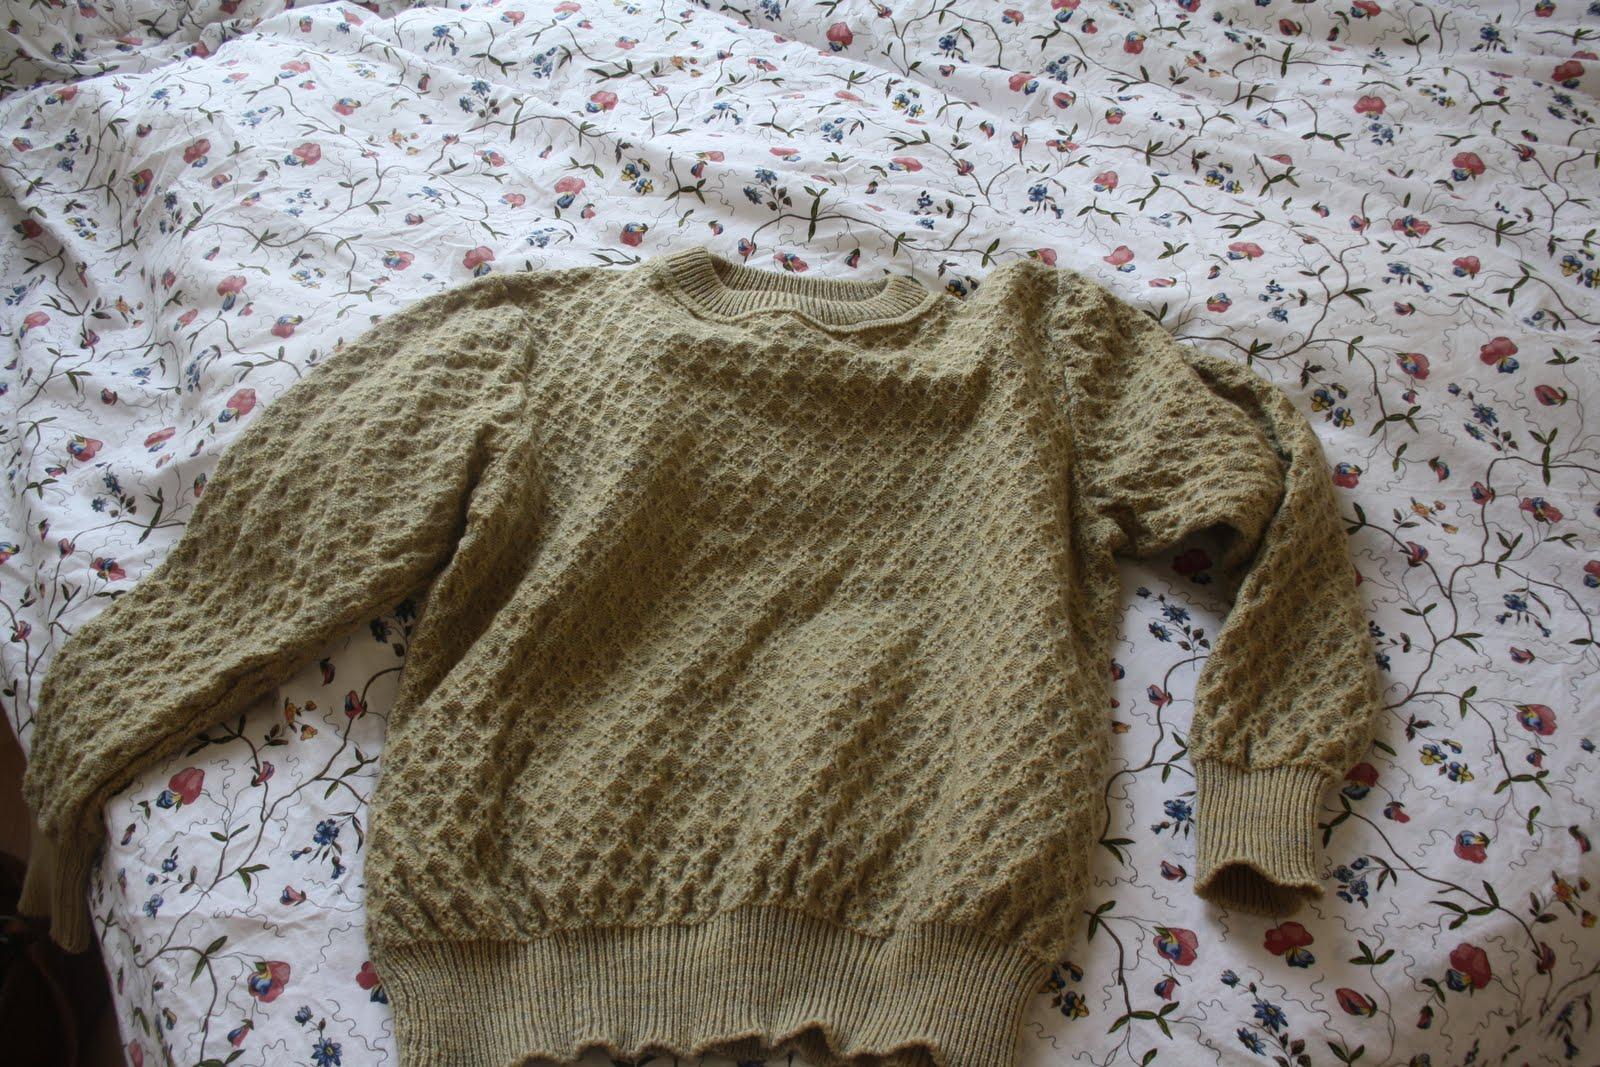 Comment laver sans risque un v tement en laine astuces de grand m re - Linge deteint astuce grand mere ...